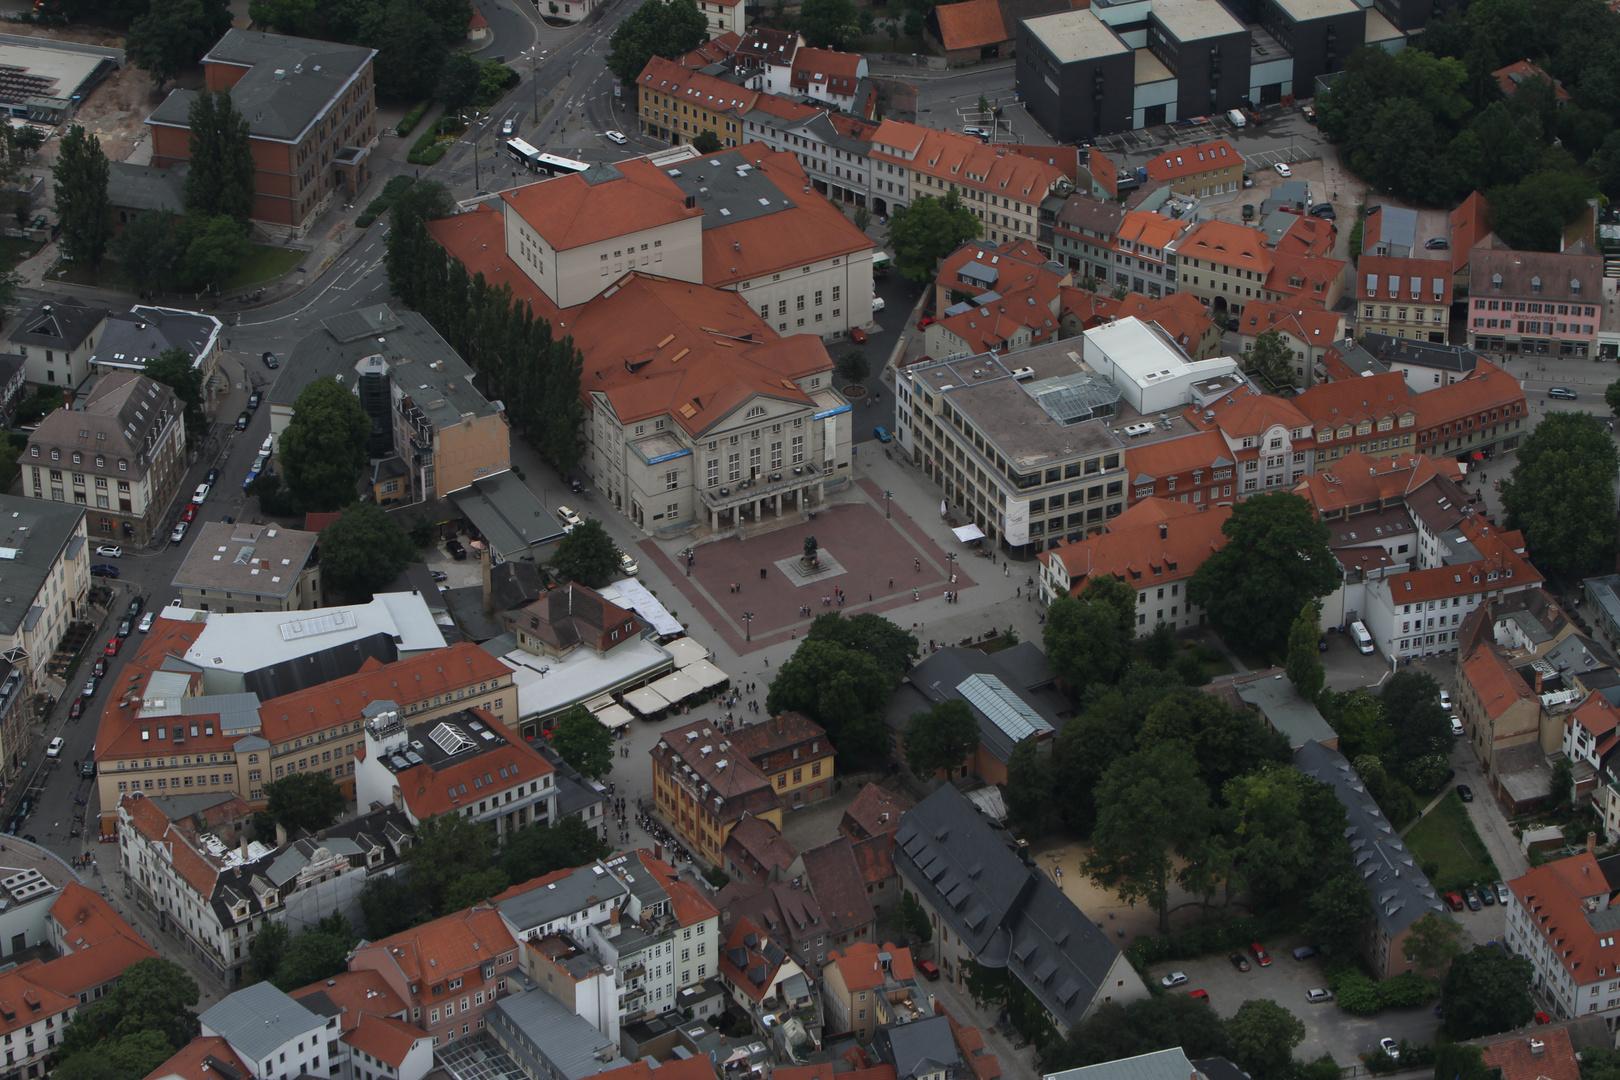 Weimar Theaterplatz